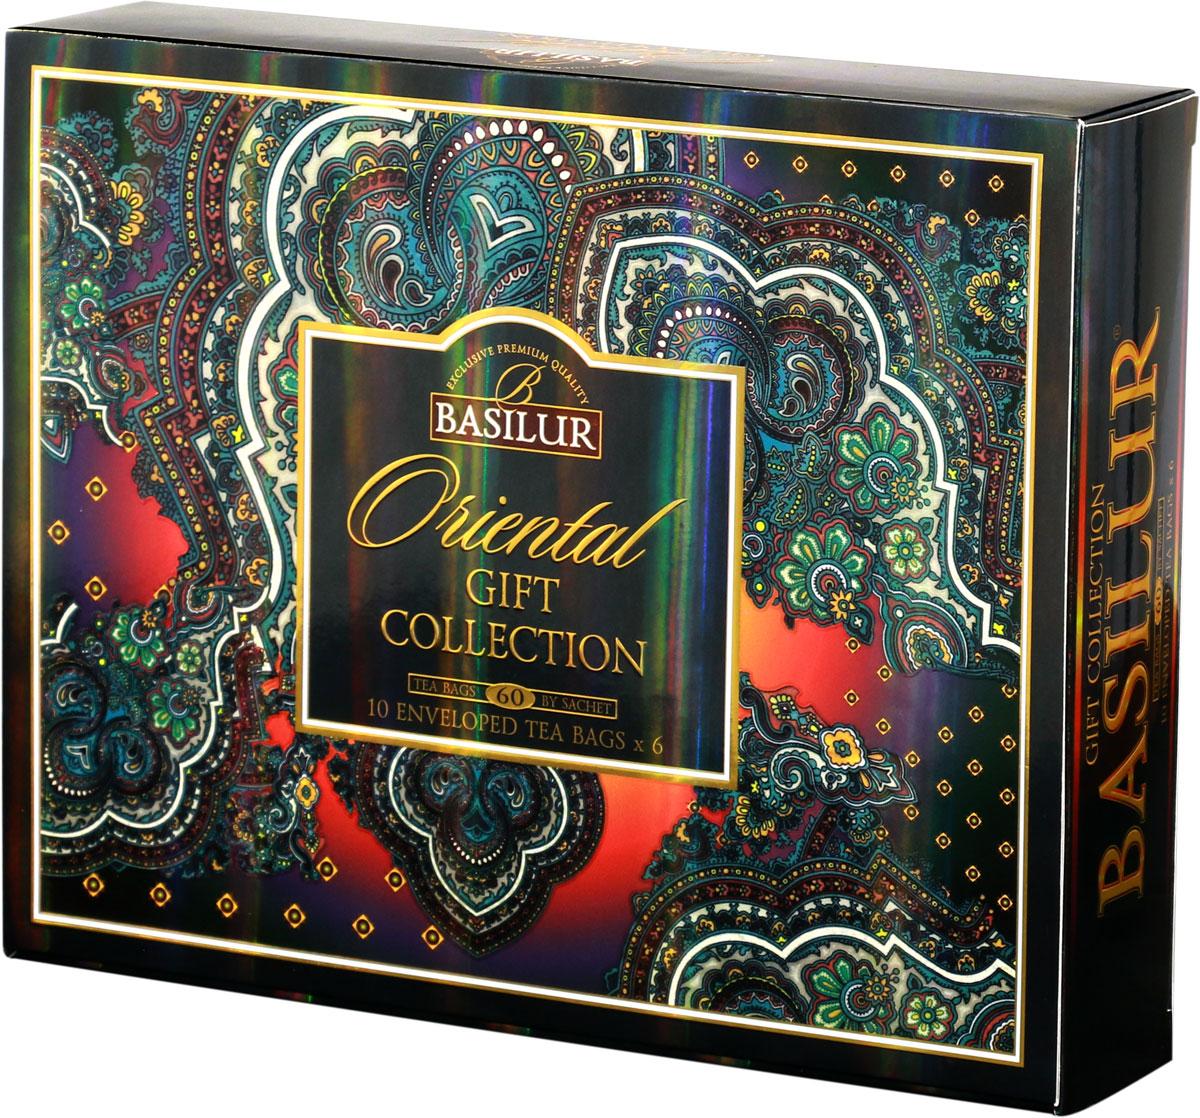 Basilur Assorted Oriental черный и зеленый чай в пакетиках, 60 шт70932-00На протяжении многих веков черным чаем наслаждаются как согревающим и успокаивающим напитком, а зеленый используют в качестве освежающего и утоляющего жажду. Получите удовольствие от чашки чая Basilur, приготовленной по древнейшим традициям. Насладитесь исключительной свежестью чая и удобством хранения в красивой упаковке.Всё о чае: сорта, факты, советы по выбору и употреблению. Статья OZON Гид